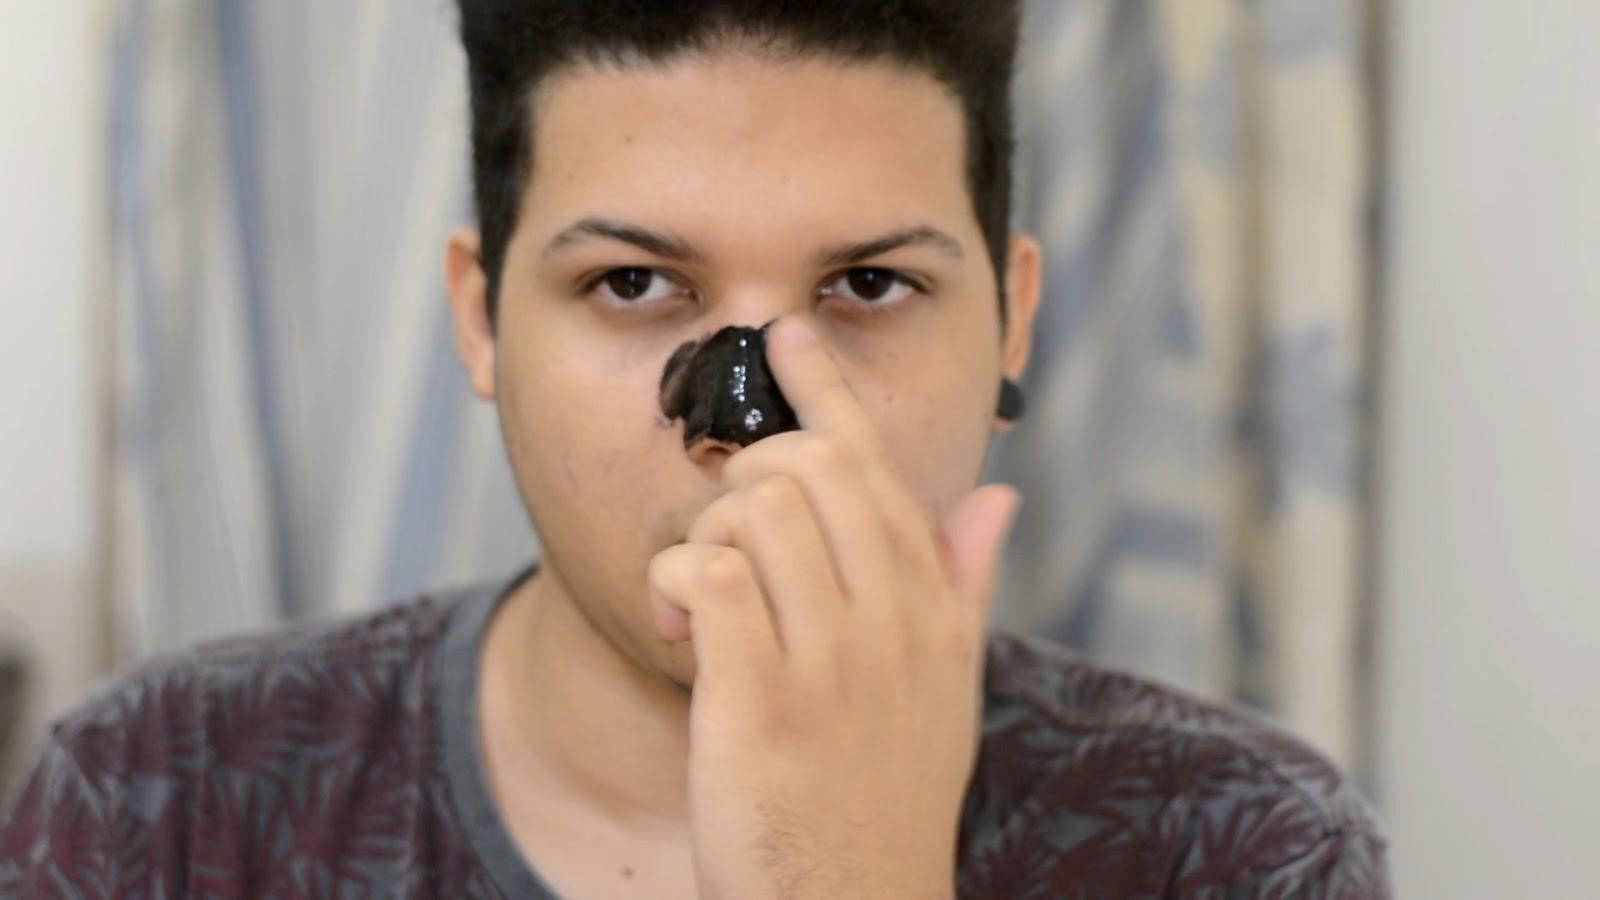 Remover cravos em casa mascara preta